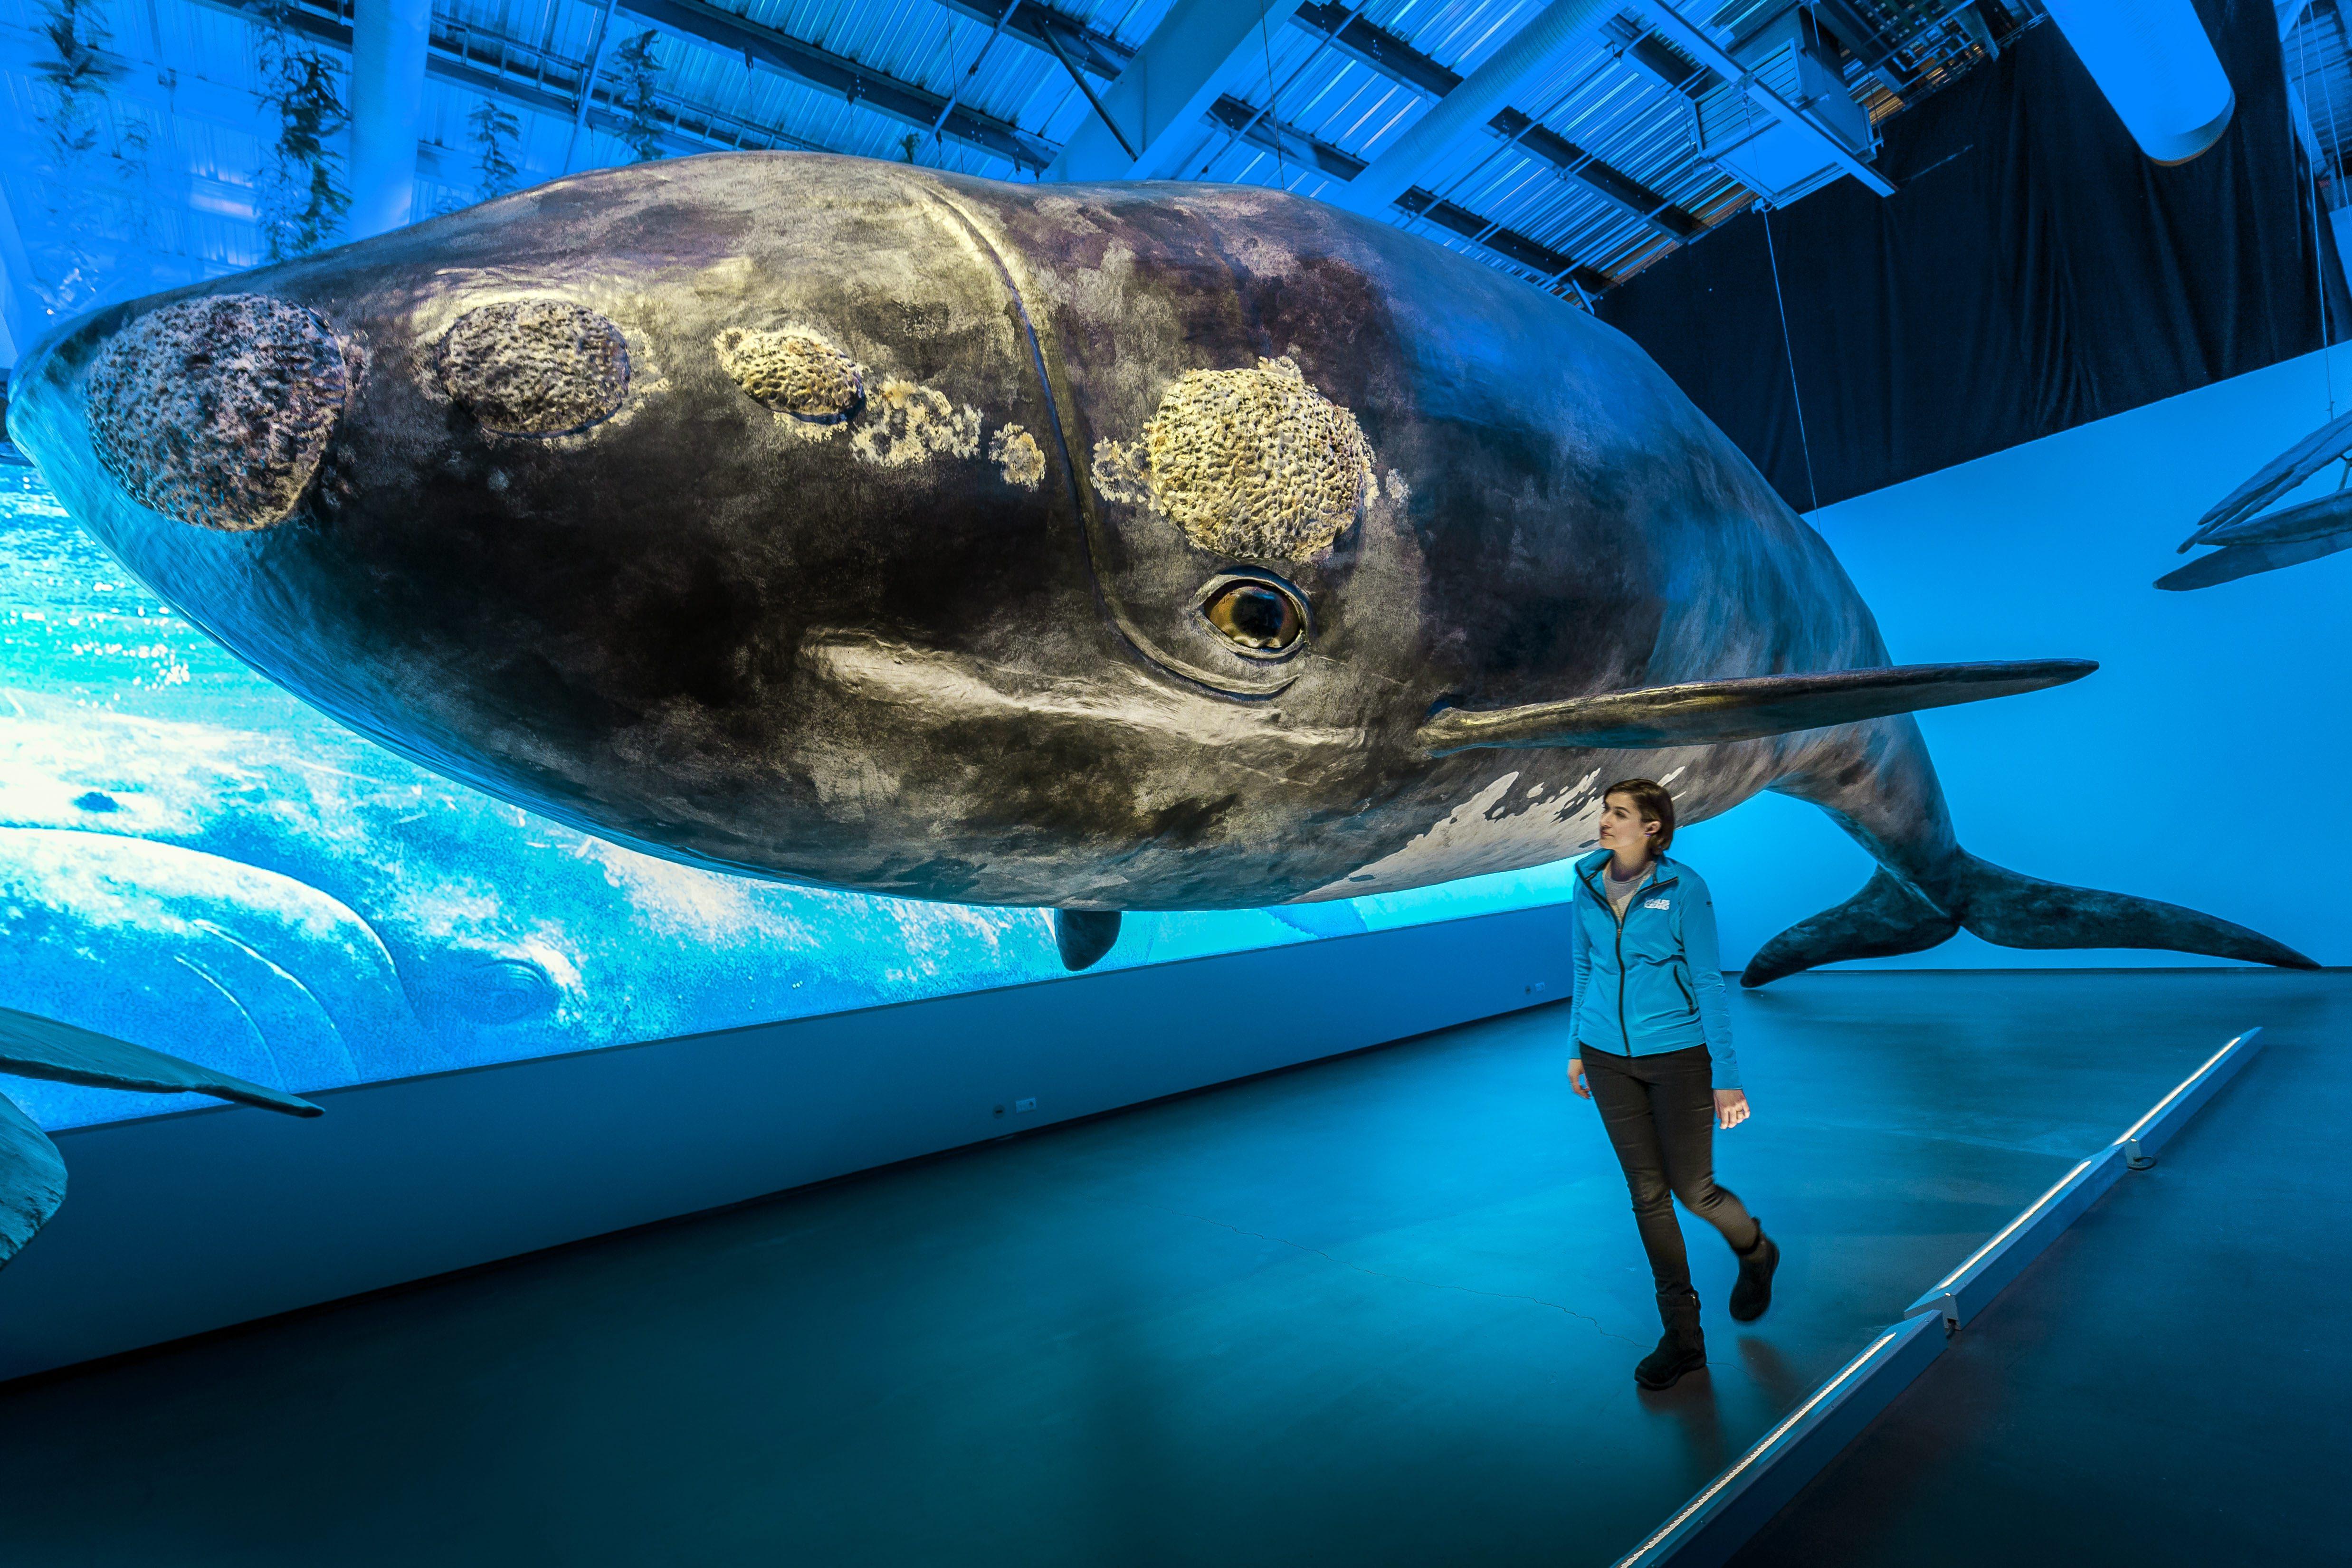 Un modelo a tamaño real de una ballena